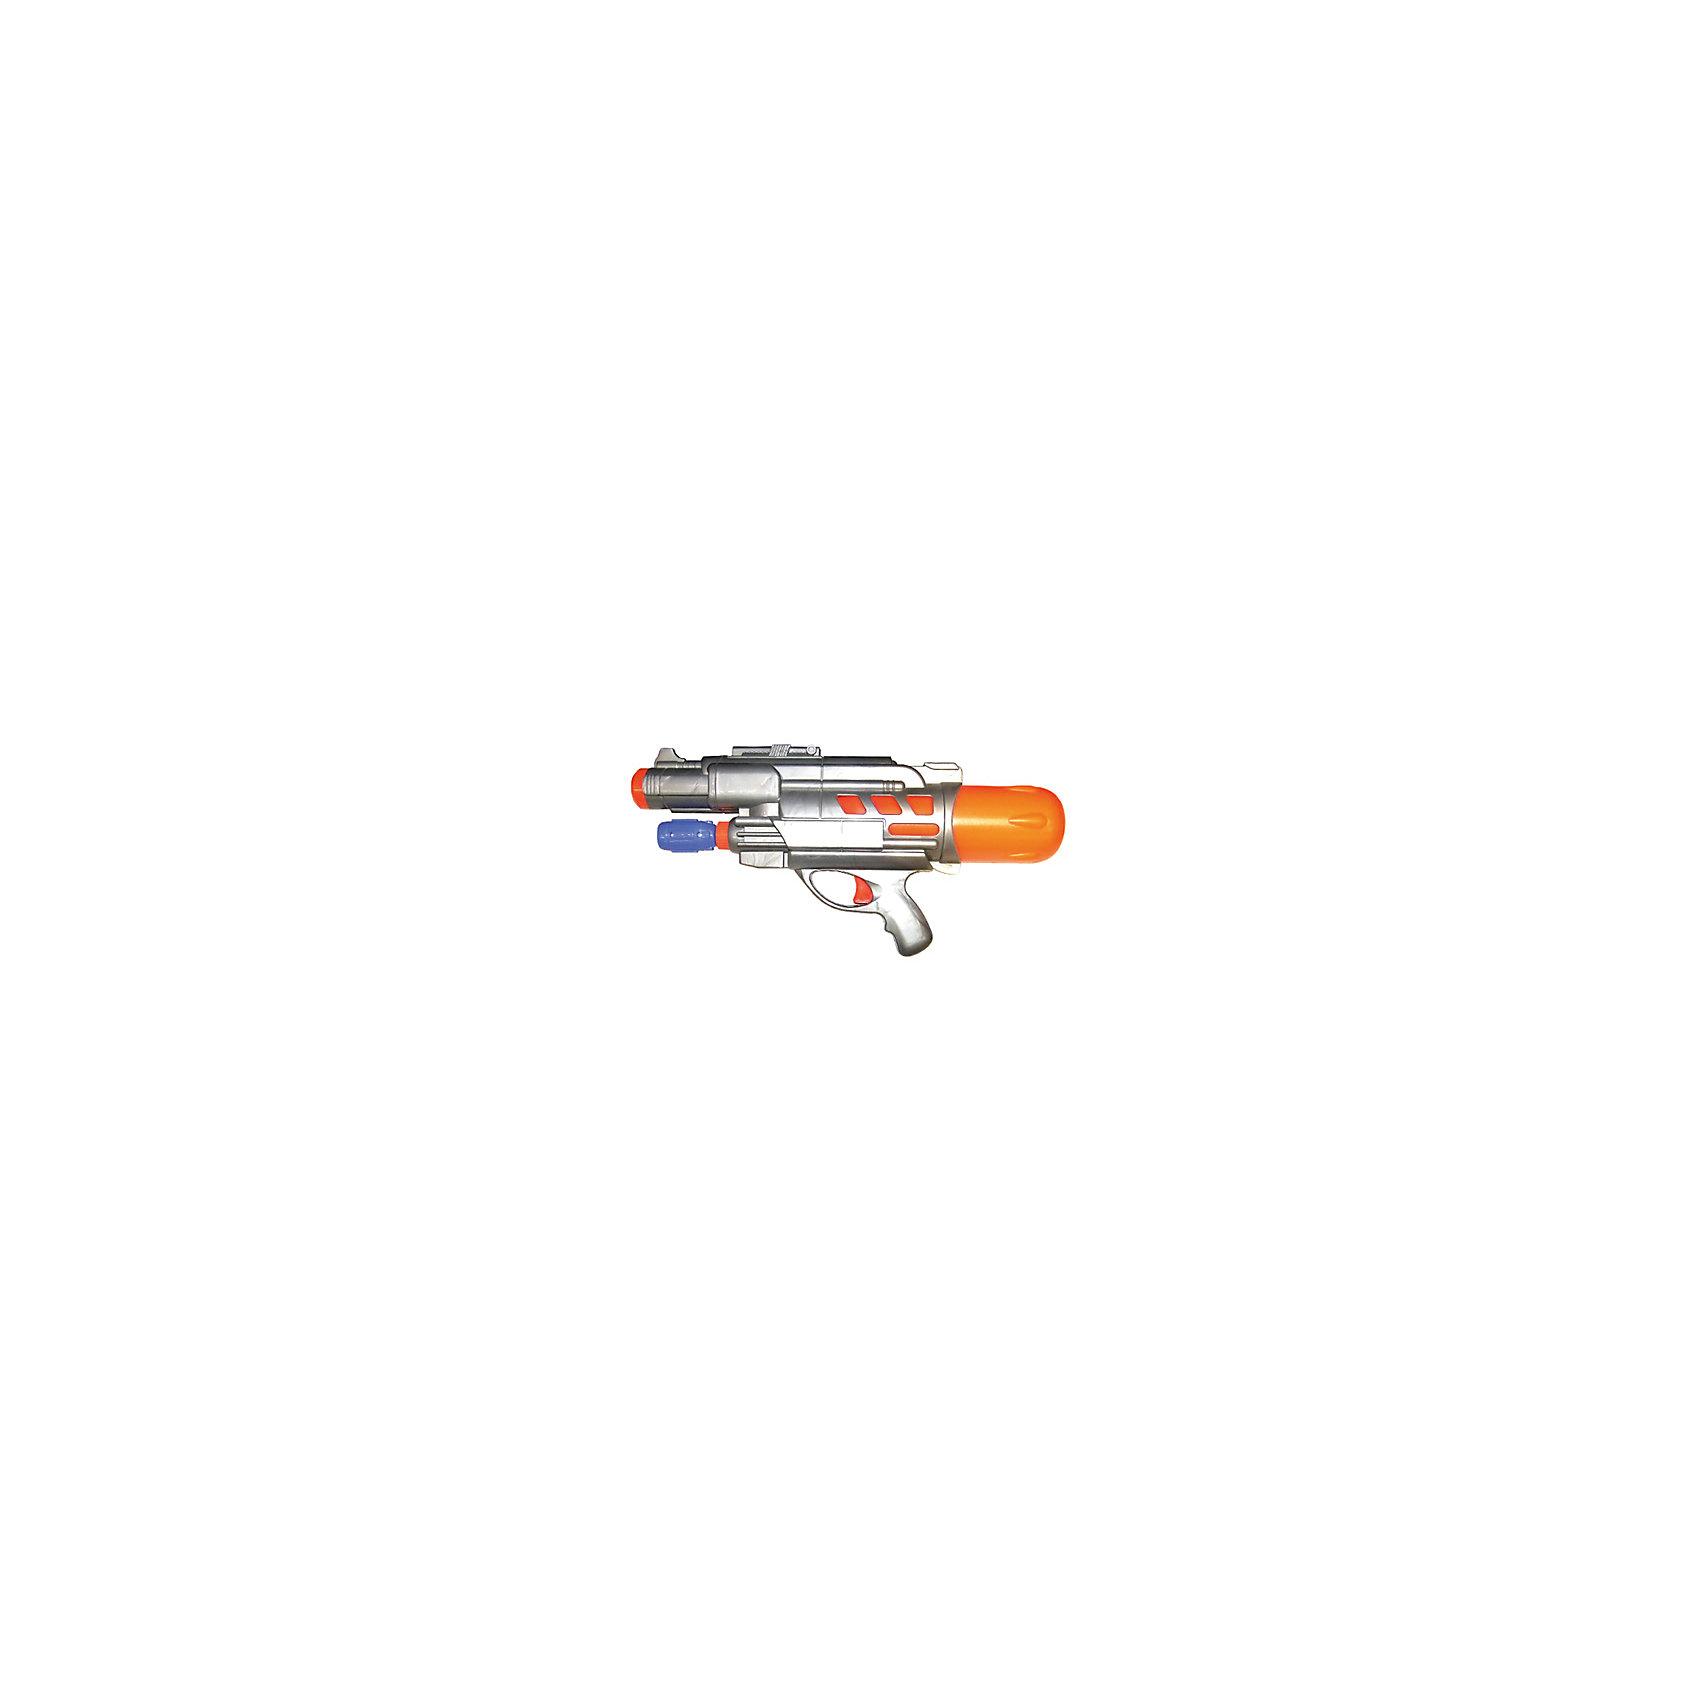 Водный пистолет с помпой, 43 см, ТилибомИгрушечное оружие<br>Водный пистолет с помпой, 43 см, Тилибом.<br><br>Характеристика:<br><br>• Материал: пластик. <br>• Размер: 43 см.<br>• Помповый механизм.<br>• Яркий привлекательный дизайн. <br>• Отличная детализация. <br><br>Водный пистолет - незаменимая игрушка во время активного отдыха летом! Помповый пистолет бьет очень прицельно и точно, не причиняя никакого вреда. Игрушка выполнена из высококачественных нетоксичных материалов безопасных для детей, имеет простой механизм, с которым легко разберется любой ребенок. <br><br>Водный пистолет с помпой, 43 см, Тилибом, можно купить в нашем интернет-магазине.<br><br>Ширина мм: 430<br>Глубина мм: 200<br>Высота мм: 70<br>Вес г: 538<br>Возраст от месяцев: 36<br>Возраст до месяцев: 144<br>Пол: Унисекс<br>Возраст: Детский<br>SKU: 5501947